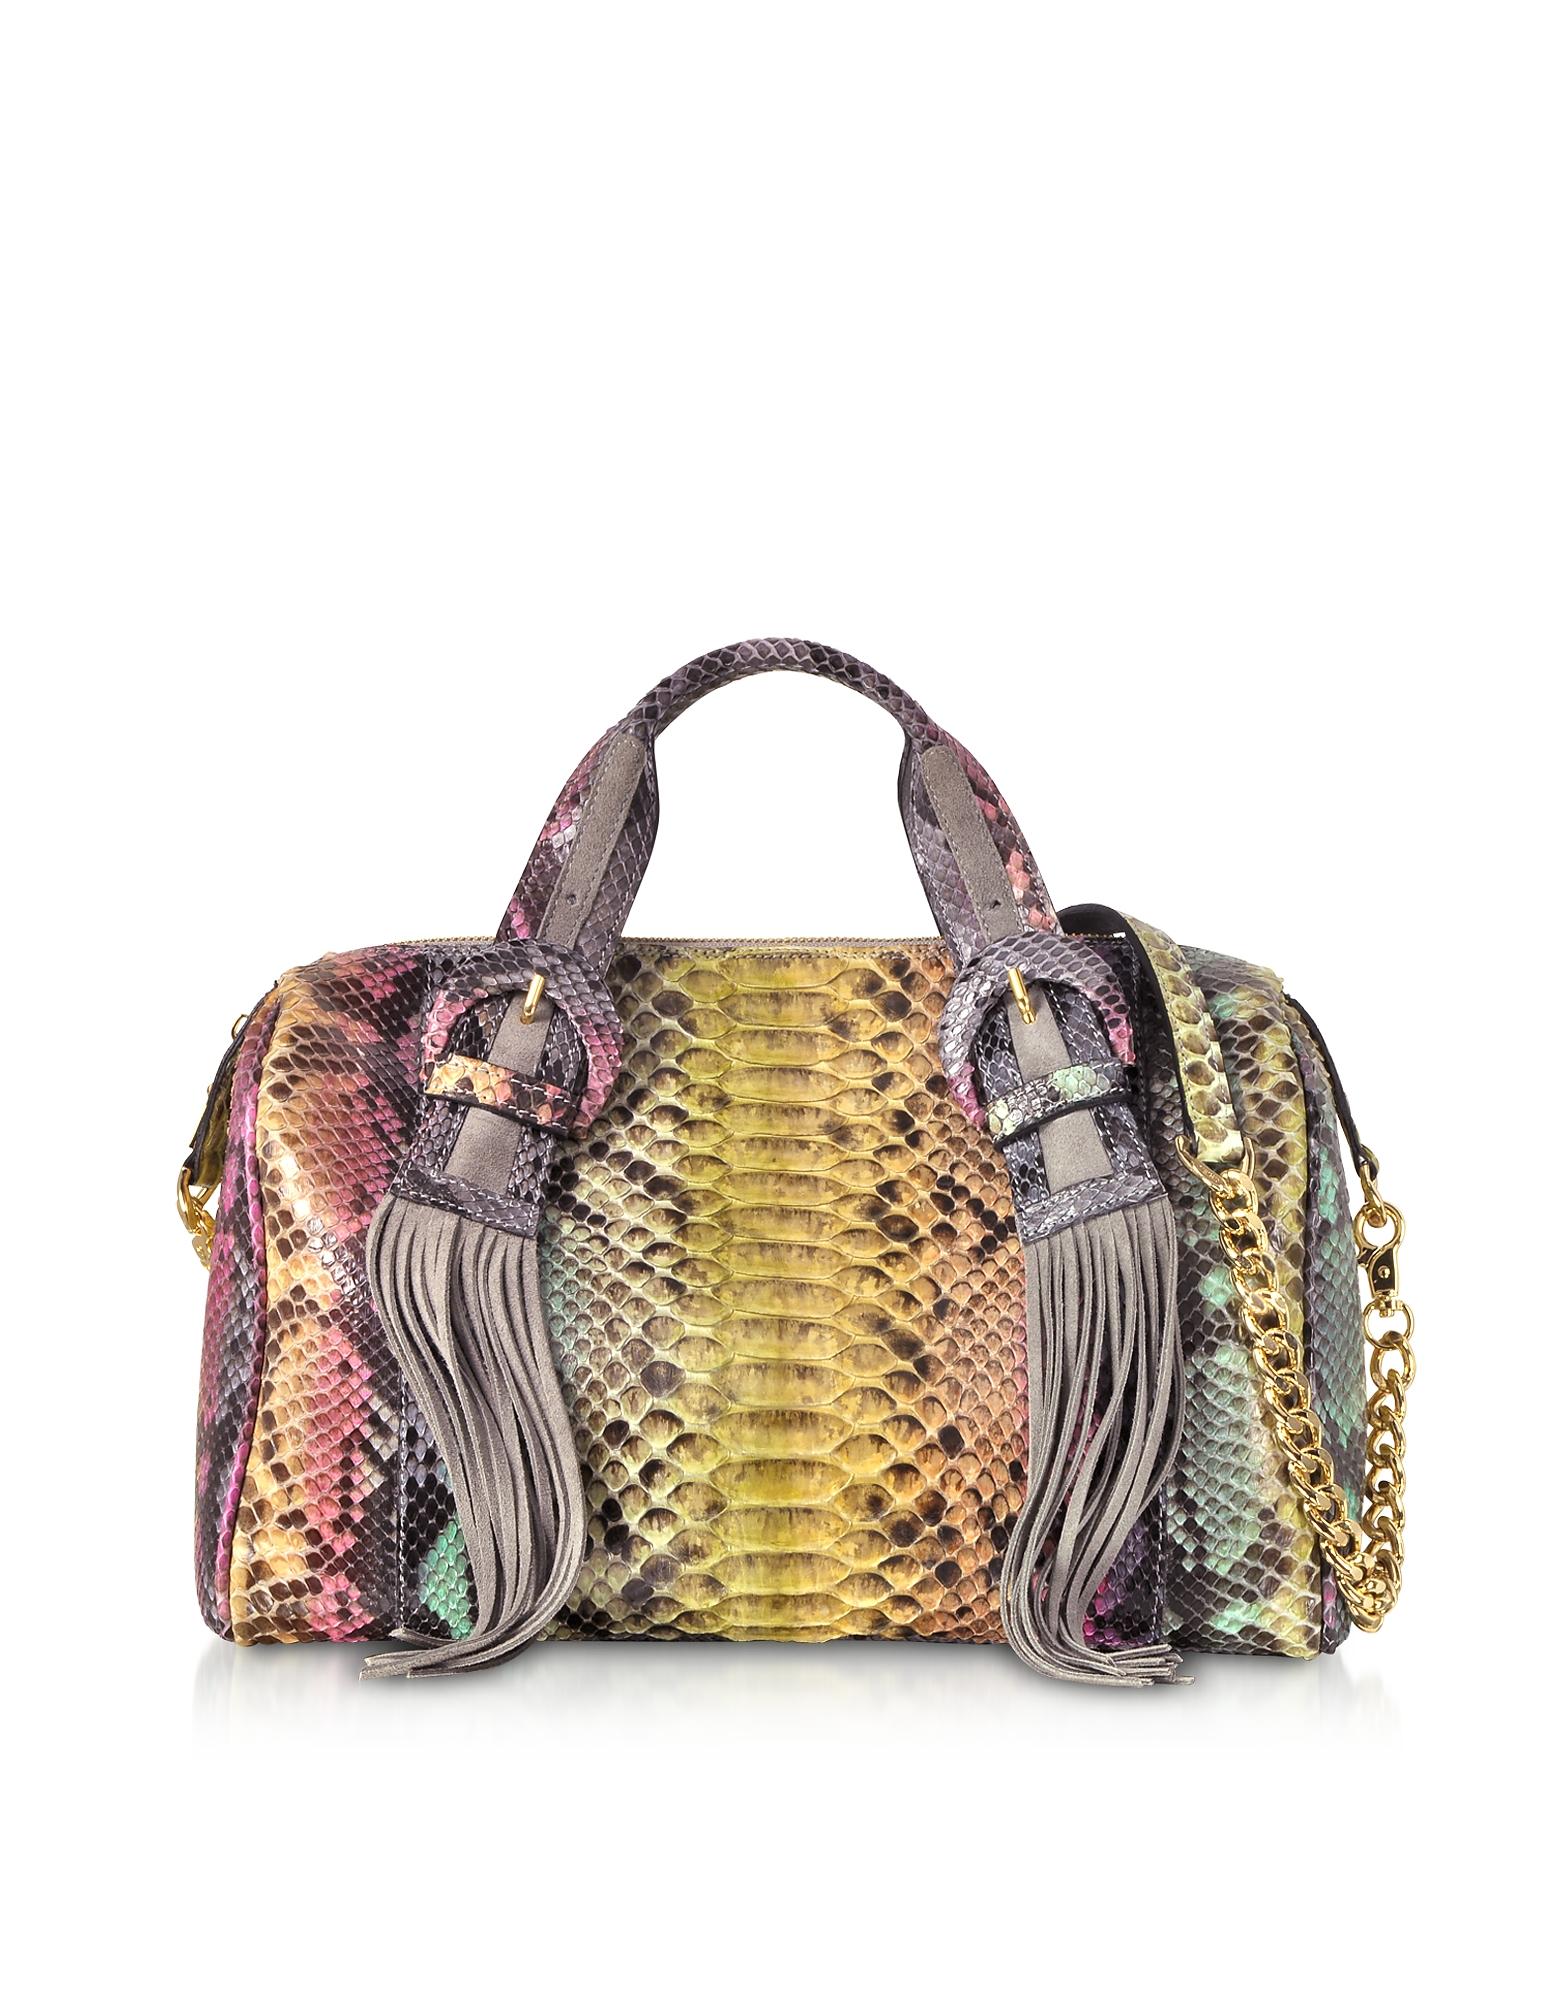 Multicolor Python Leather Shoulder Bag